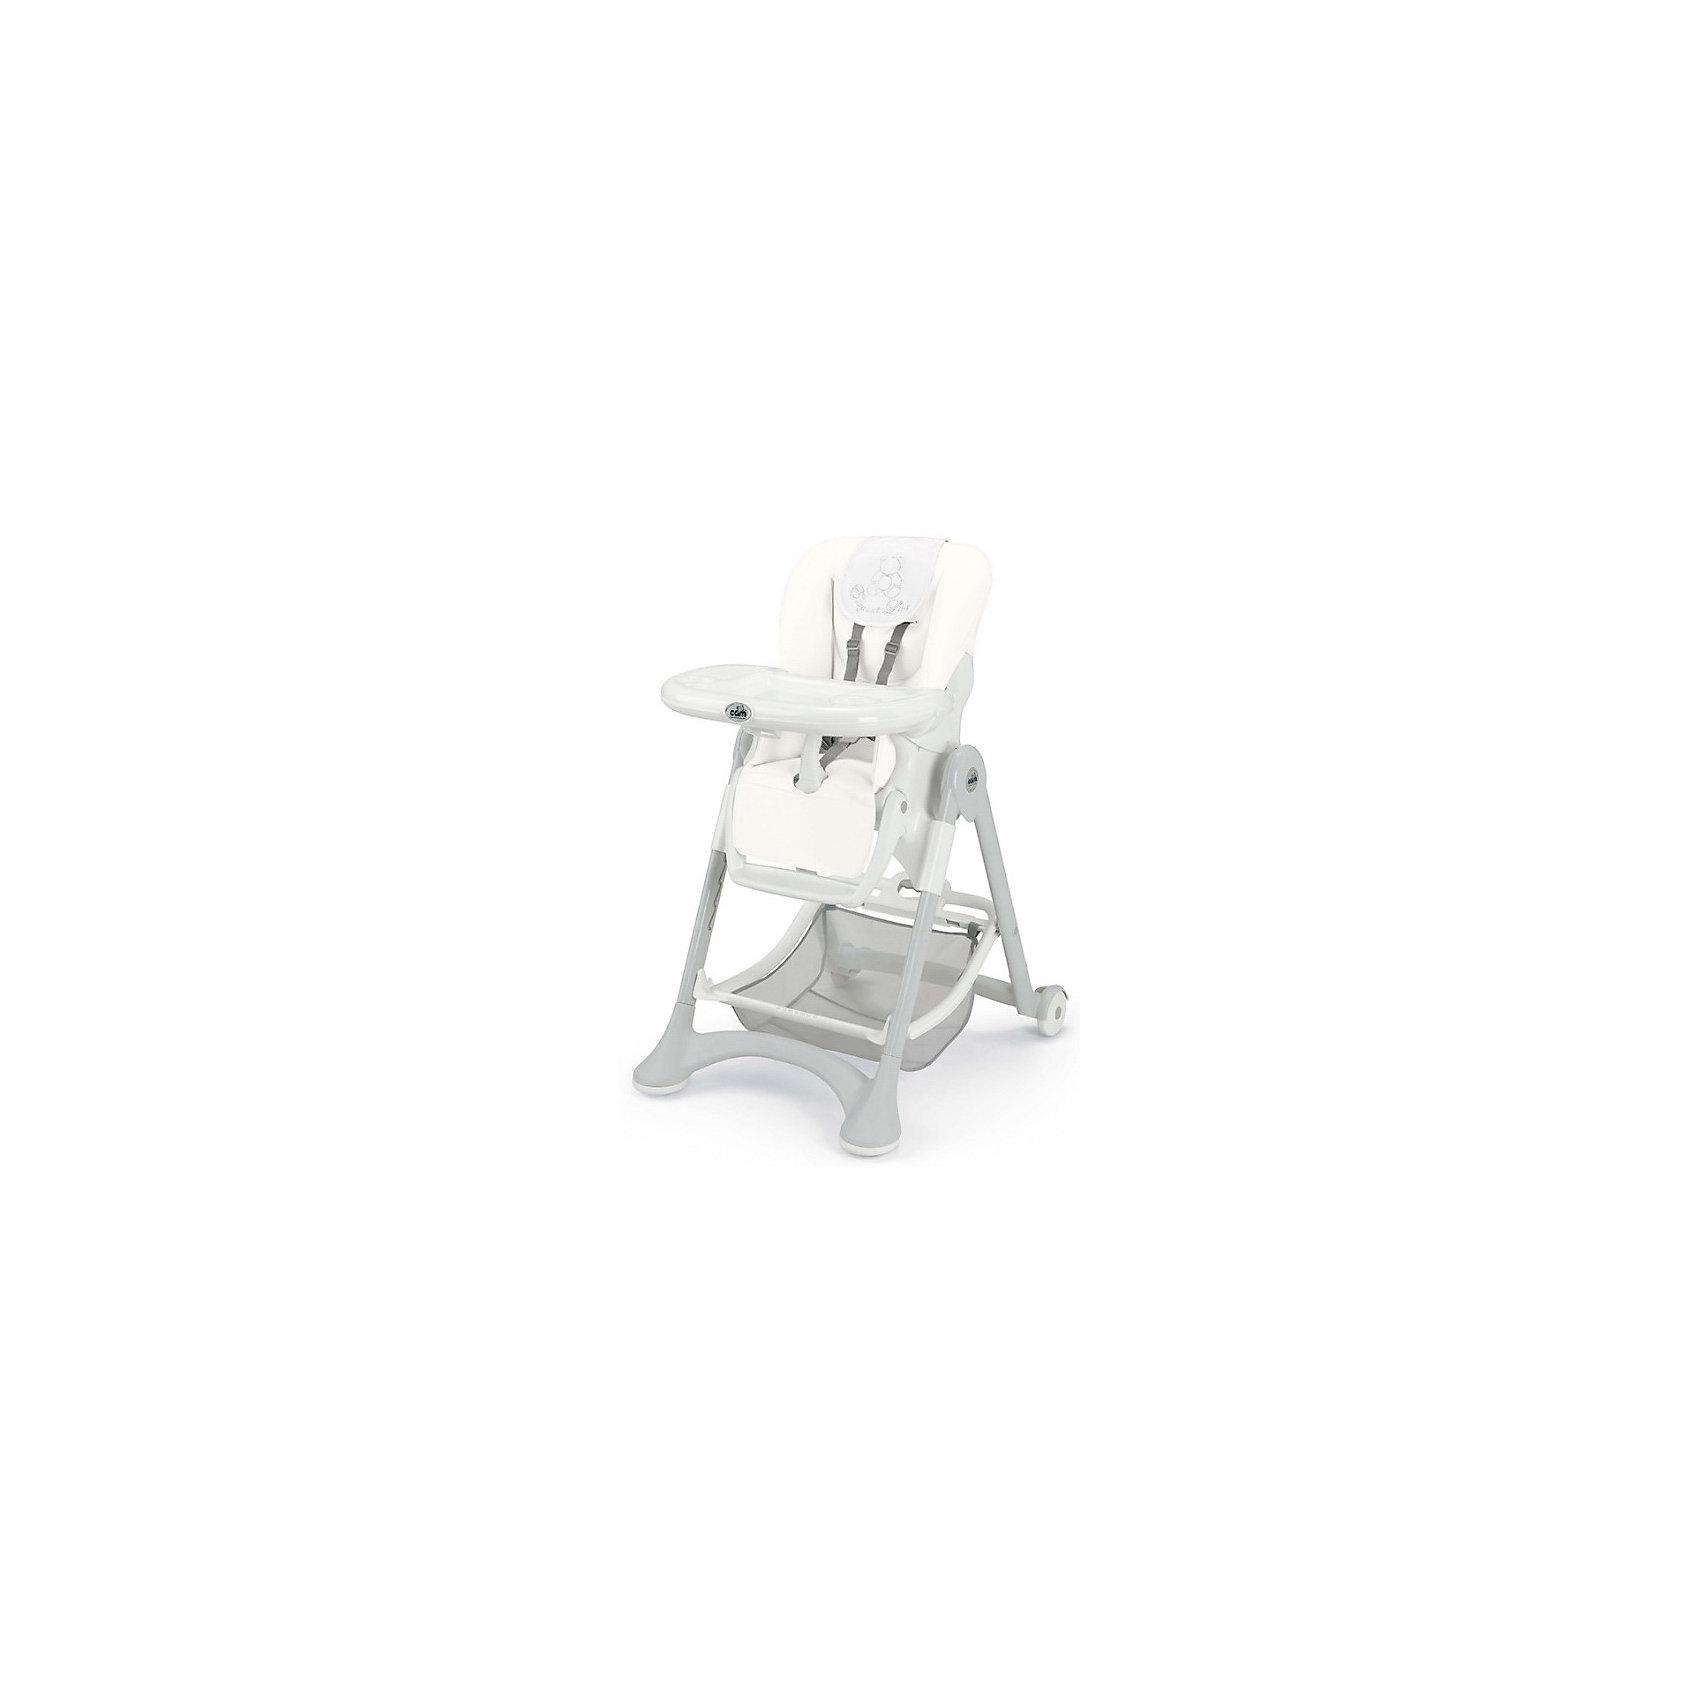 Стульчик для кормления Campione Elegant, CAM, White Leatheretteот +6 месяцев<br>Очень удобный и комфортный стульчик для кормления обязательно понравится малышам! Мягкое сиденье с регулируемой спинкой, страховочными ремнями и удобным разделителем для ног обеспечит малышам комфорт и безопасность. Стульчик имеет колесики, облегчающие перемещение по квартире; удобную подставку для ножек ребенка; съемный стол можно мыть в посудомоечной машине. Обивка стула выполнена из мягкой ткани, сам стул изготовлен из высококачественных прочных и экологичных материалов. Передняя часть рамы снабжена нескользящими ножками, которые обеспечивают дополнительную безопасность. Под сиденьем располагается большая корзина для игрушек и вещей. <br><br>Дополнительная информация:<br><br>- Материал: пластик, металл, <br>- Размеры : 109х84х61 см<br>- Размеры в сложенном виде: 97х40х61 см.<br>- Колесики.<br>- Вместительная корзина внизу. <br>- Нескользящие ножки.<br>- Регулируемый наклон спинки ( 3 положения, до положения лежа).<br>- Компактно складывается.<br>- Съемный стол (можно мыть в посудомоечной машине).<br>- Регулировка по высоте в 6 положениях. <br>- Регулируемая подножка.<br>- 5-ти точечные ремни безопасности.<br>- Чехол из ткани легко чистить. <br><br>Стульчик для кормления Campione Elegant, CAM, White Leatherette, можно купить в нашем магазине.<br><br>Ширина мм: 627<br>Глубина мм: 307<br>Высота мм: 980<br>Вес г: 12200<br>Возраст от месяцев: 6<br>Возраст до месяцев: 36<br>Пол: Унисекс<br>Возраст: Детский<br>SKU: 4443774